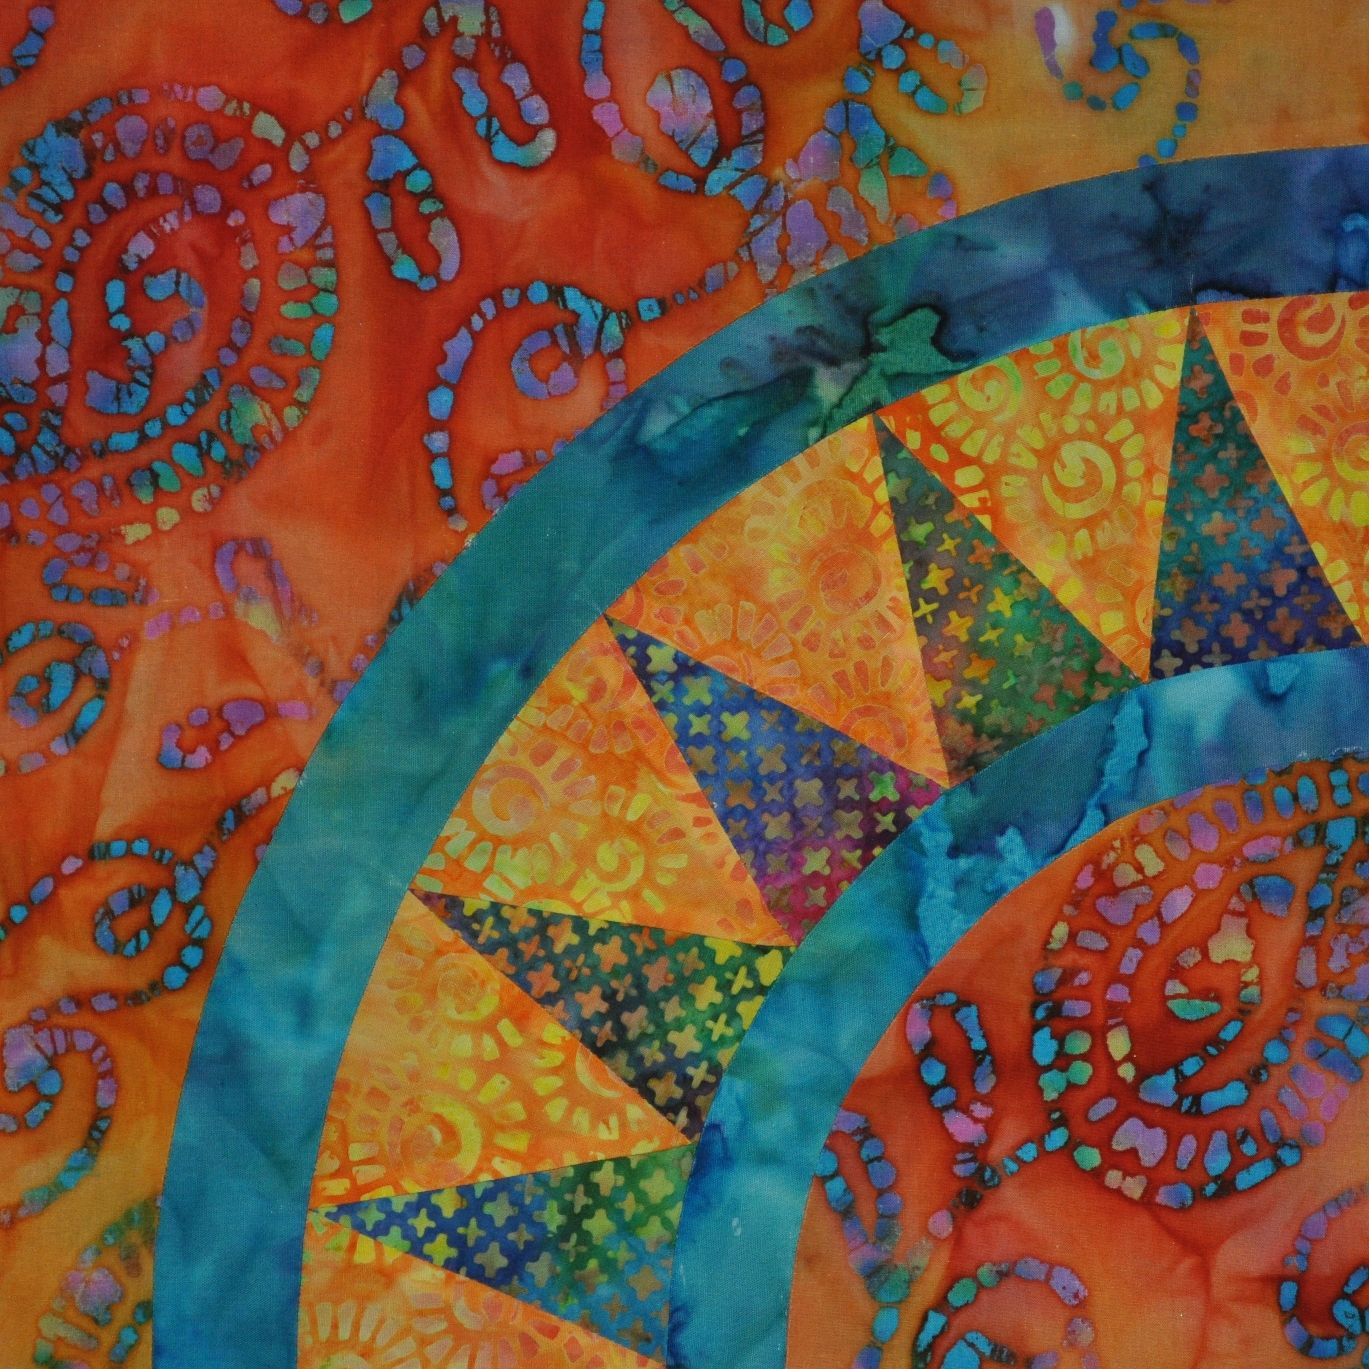 New York Beauty Quilt Paper Piece Template | the Blue Cat ... : quilt new york - Adamdwight.com